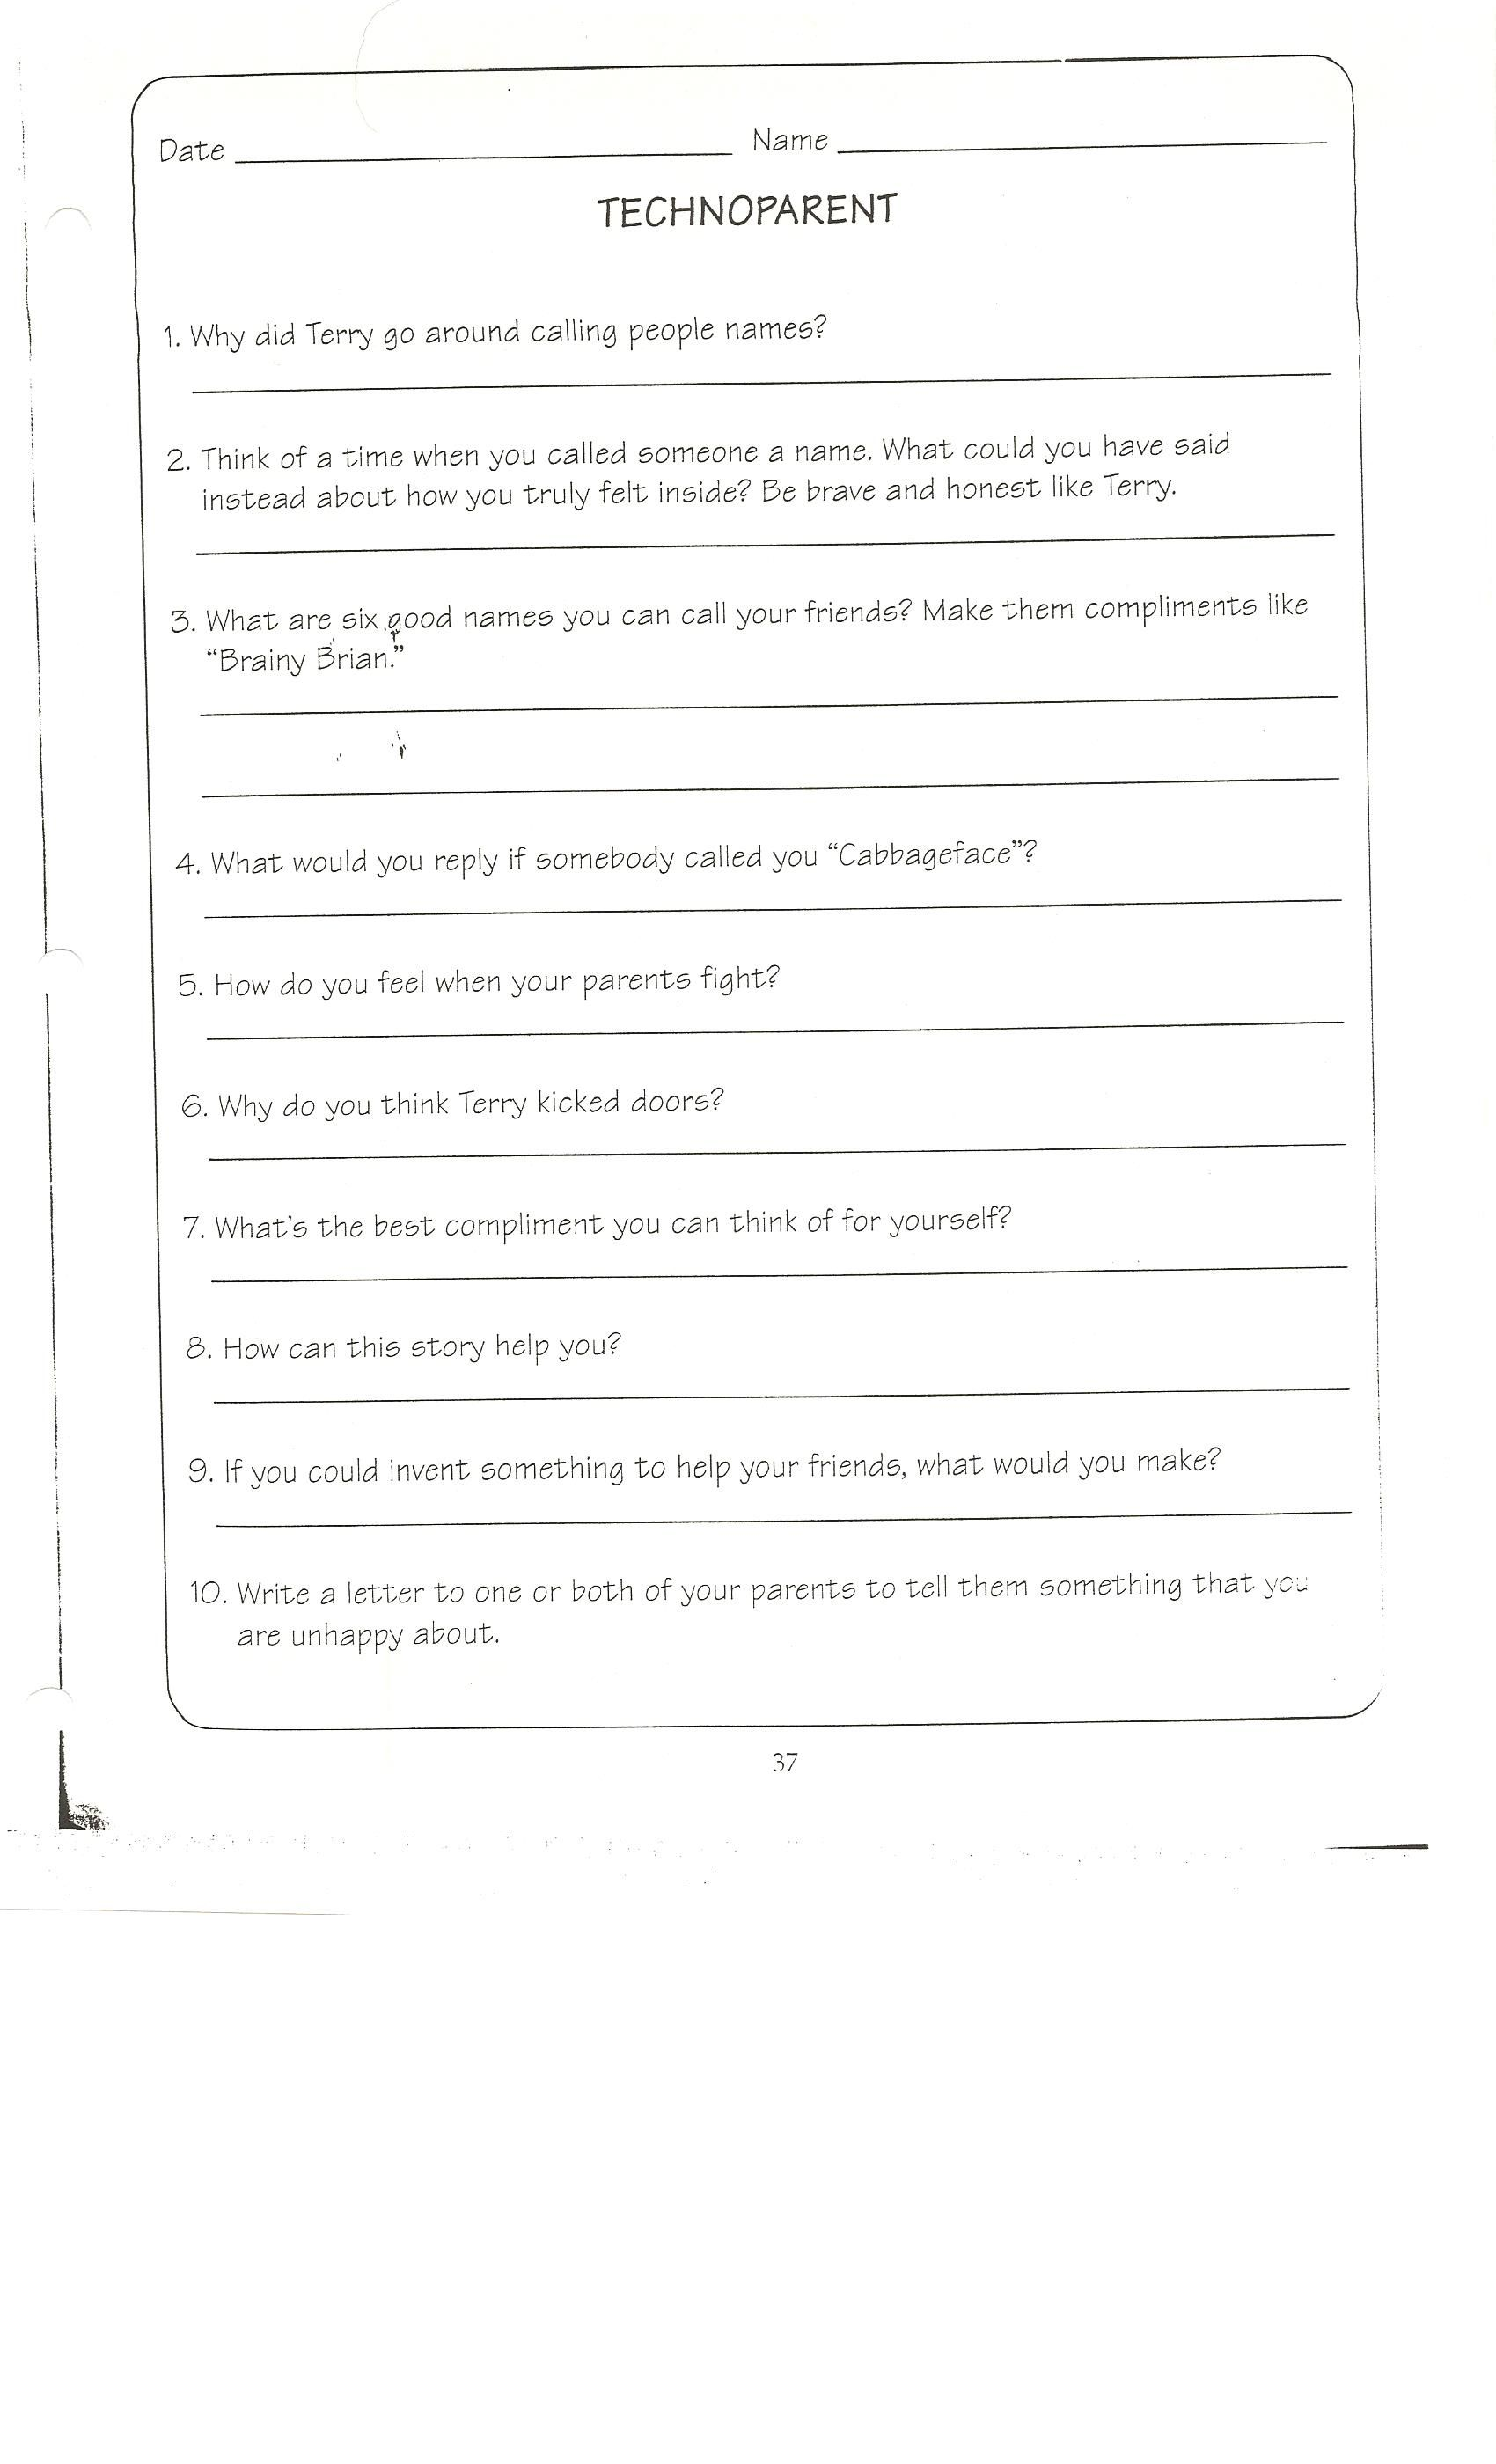 Technoparent Questions